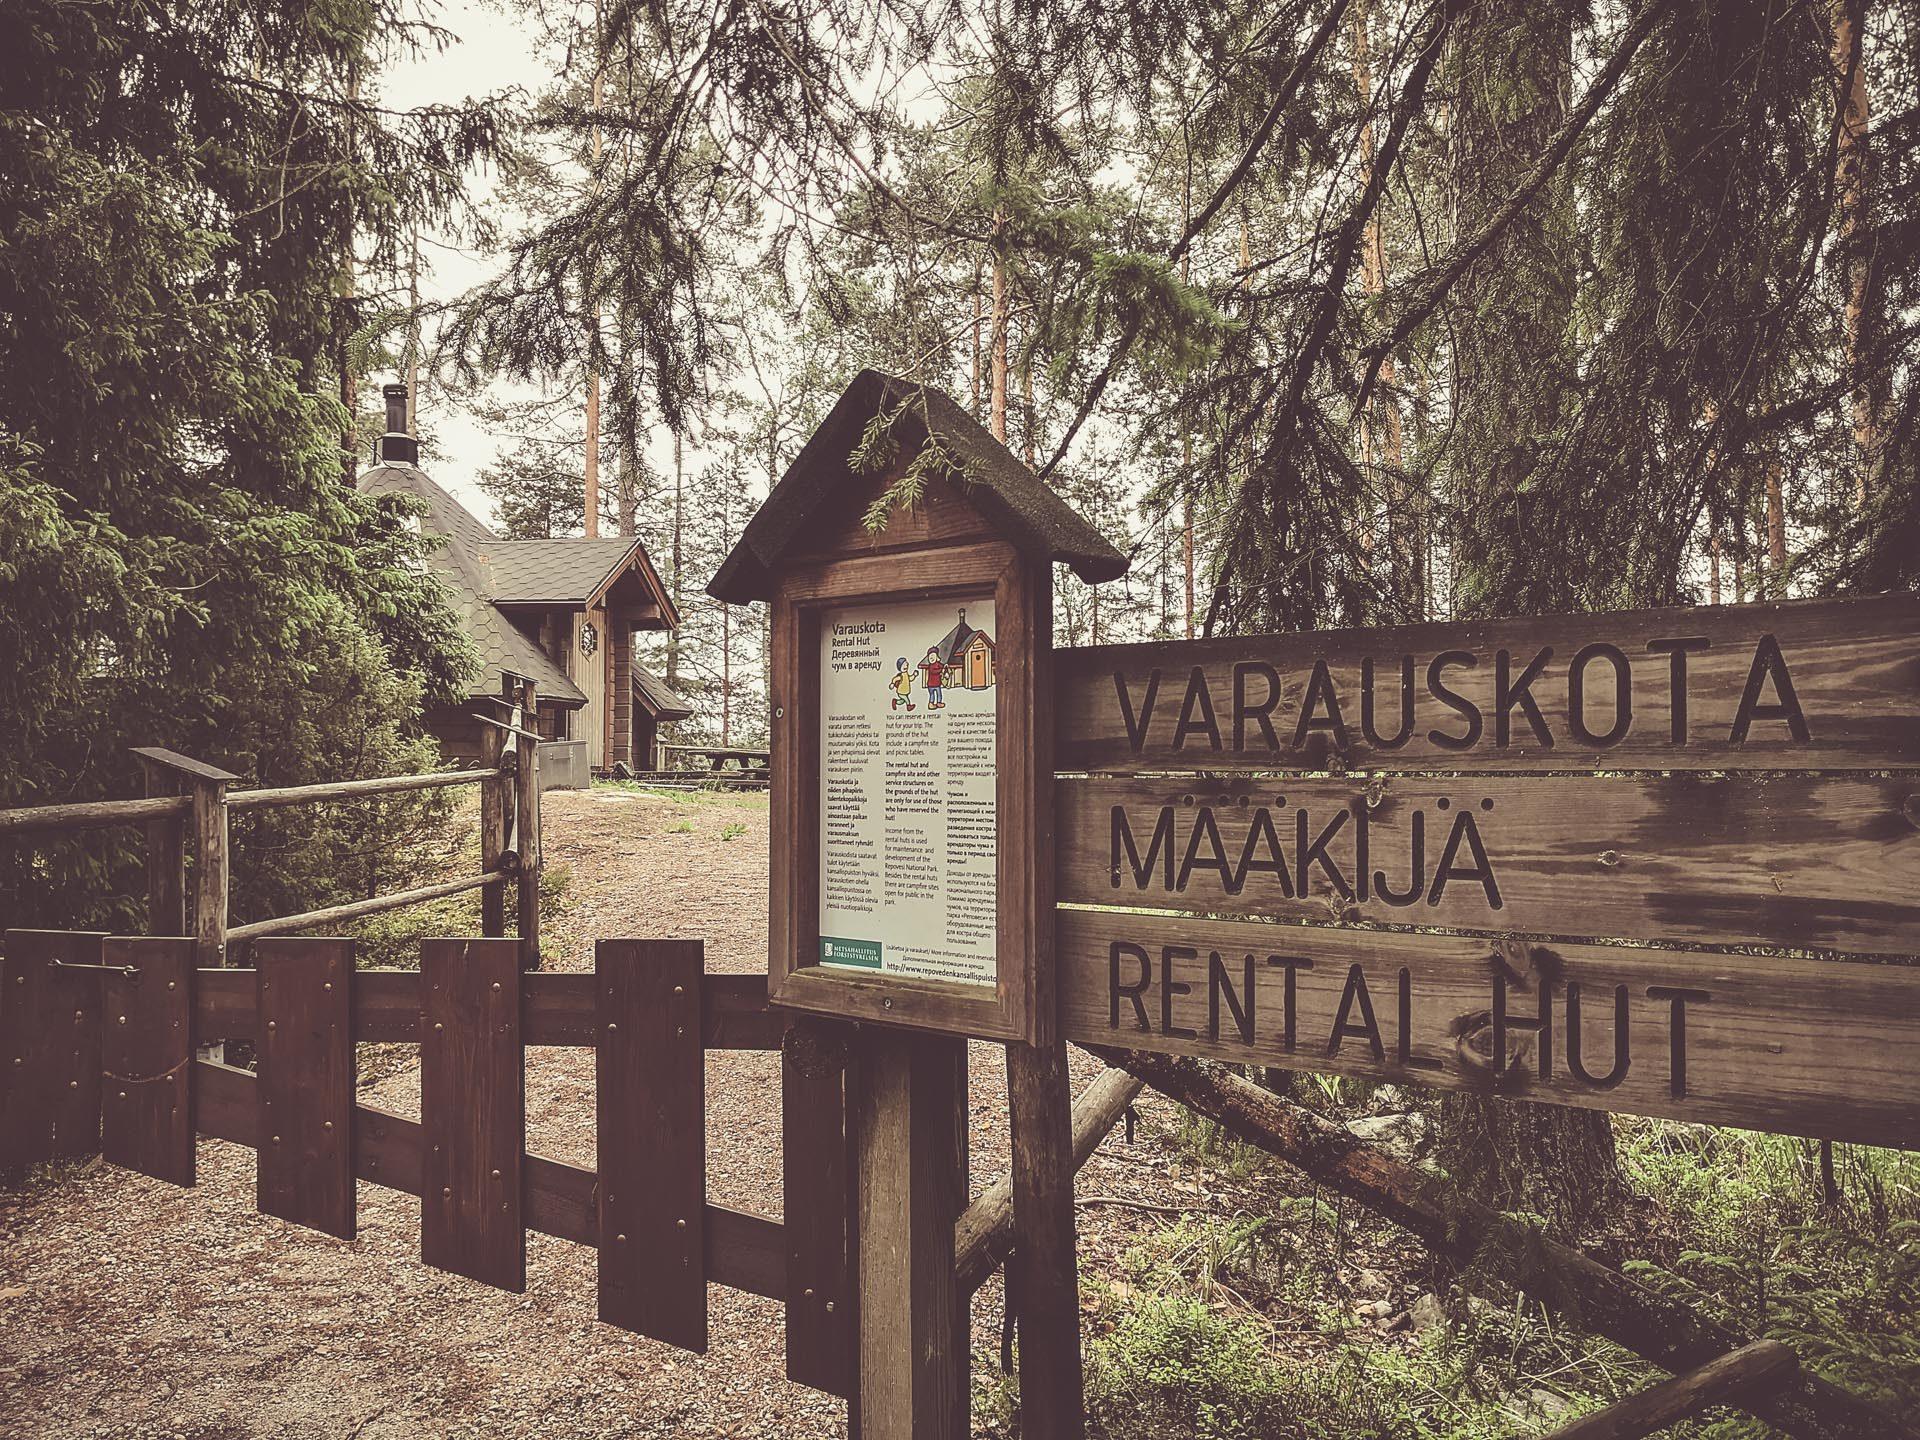 Määkijä varauskota sijaitsee ketunlenkillä - Määkijän varauskota on yksi suosituimmista kodista Repoveden kansallispuistossa.